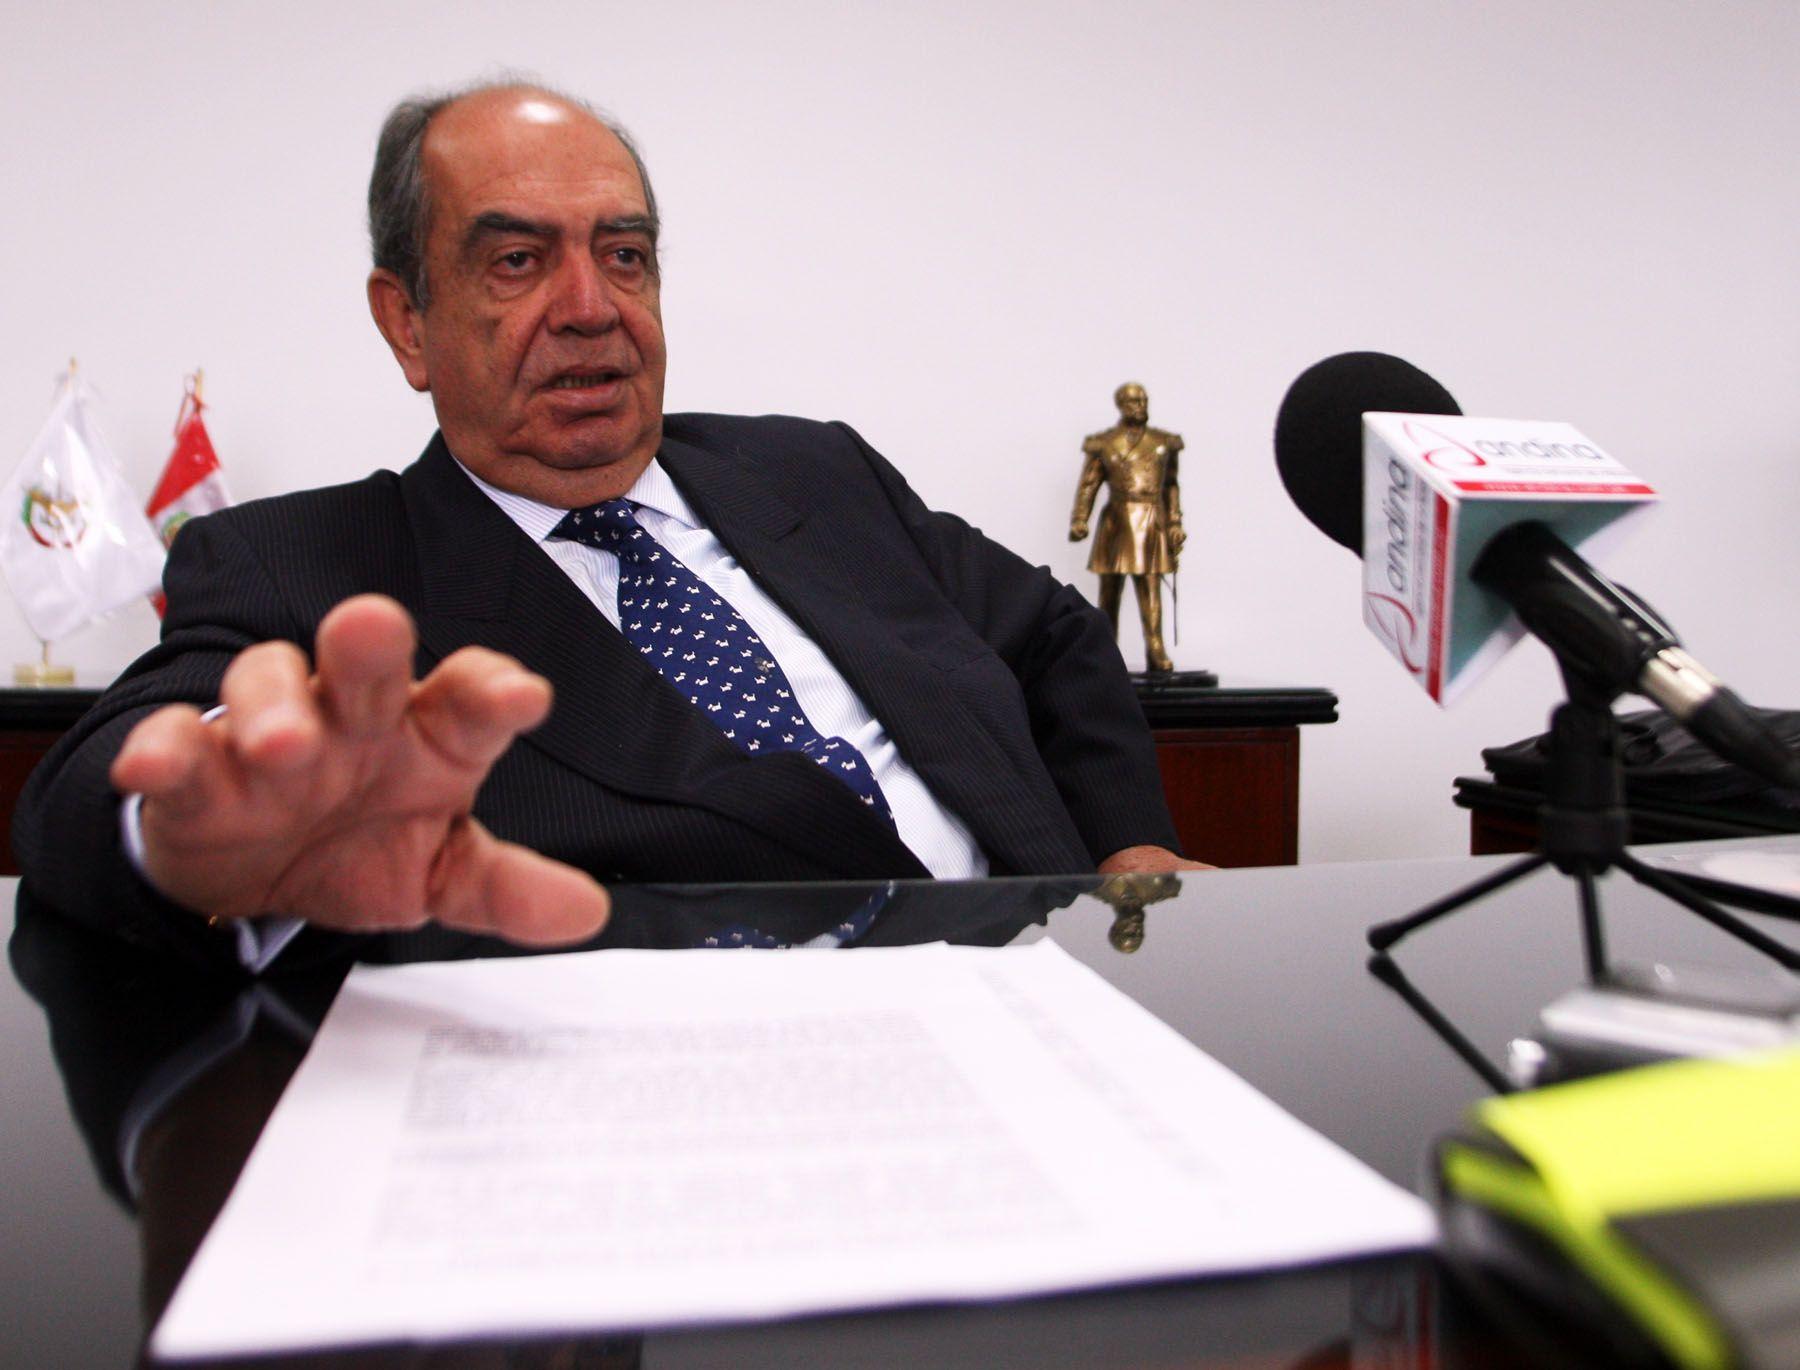 Ministro de Defensa Jaime Thorne León en declaraciones a la agencia Andina. Foto: ANDINA/Gustavo Sánchez.